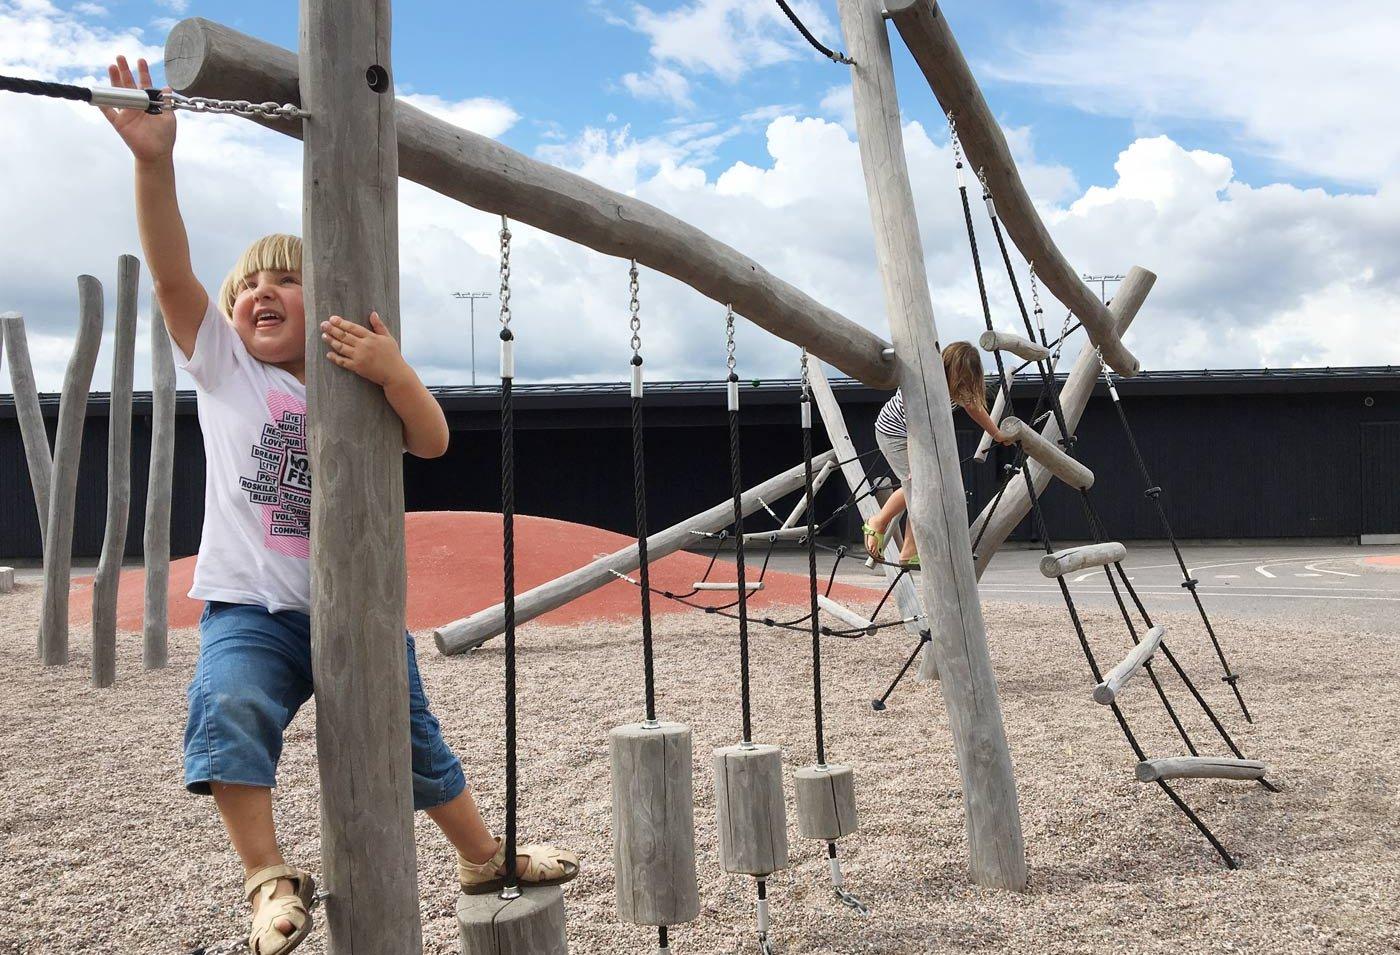 Opinmäki campus playground kids playing